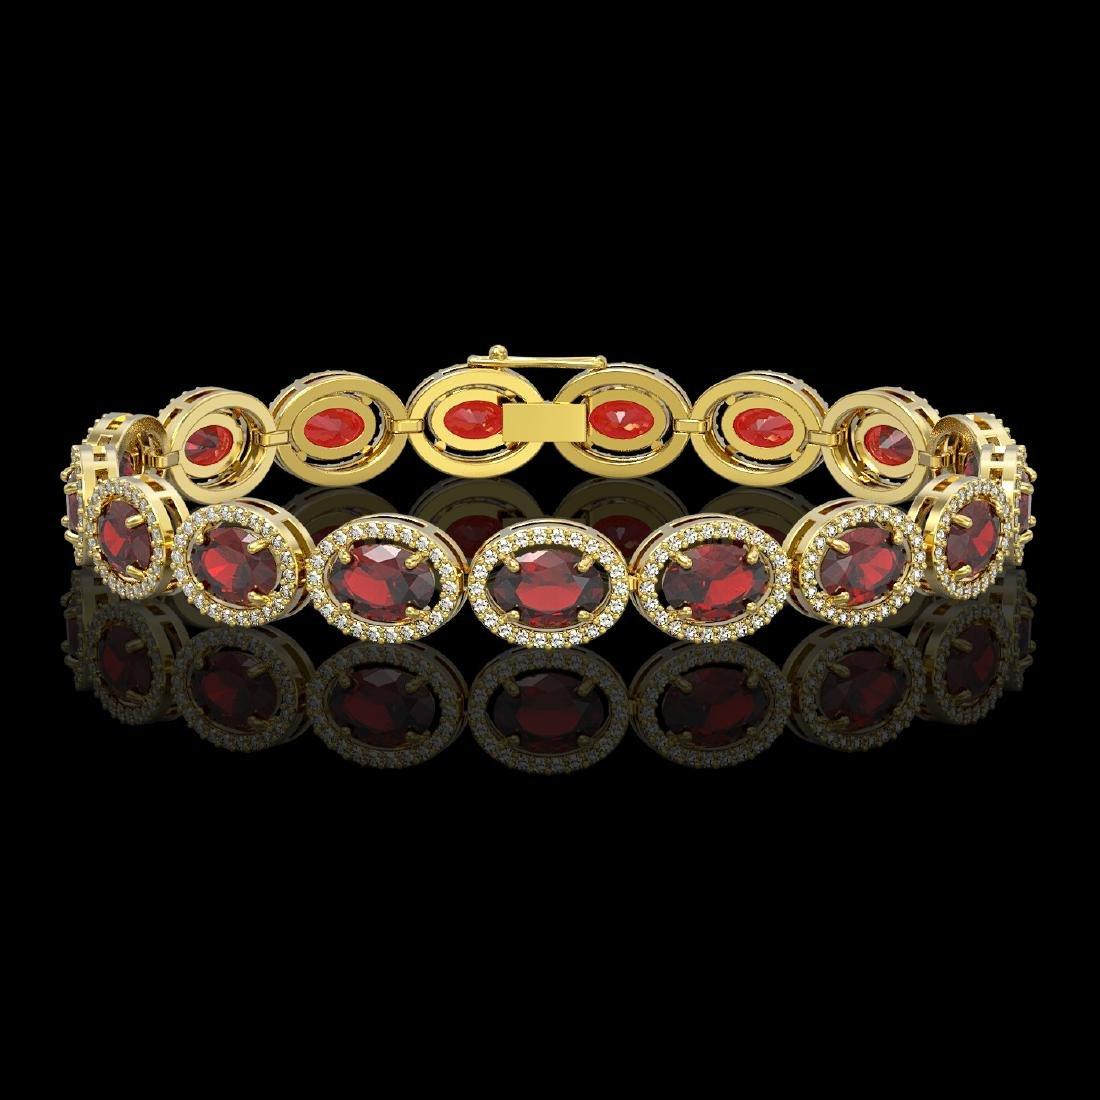 21.98 CTW Garnet & Diamond Halo Bracelet 10K Yellow